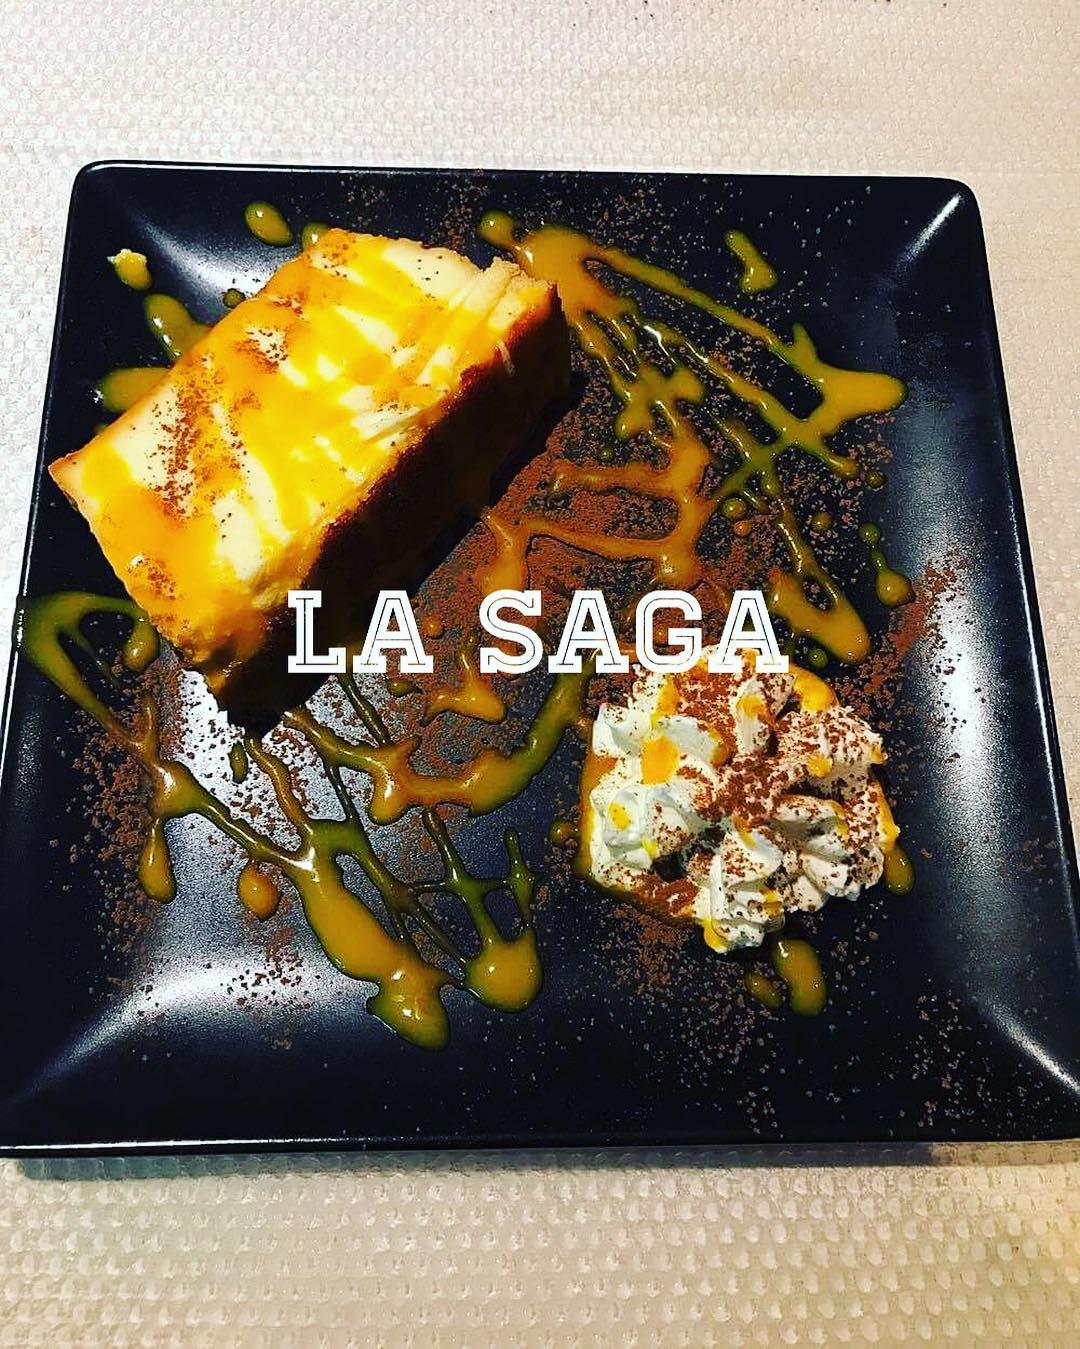 creme-aux-oeufs-coulis-exotique-restaurant-pizzeria-la-saga-carqueiranne